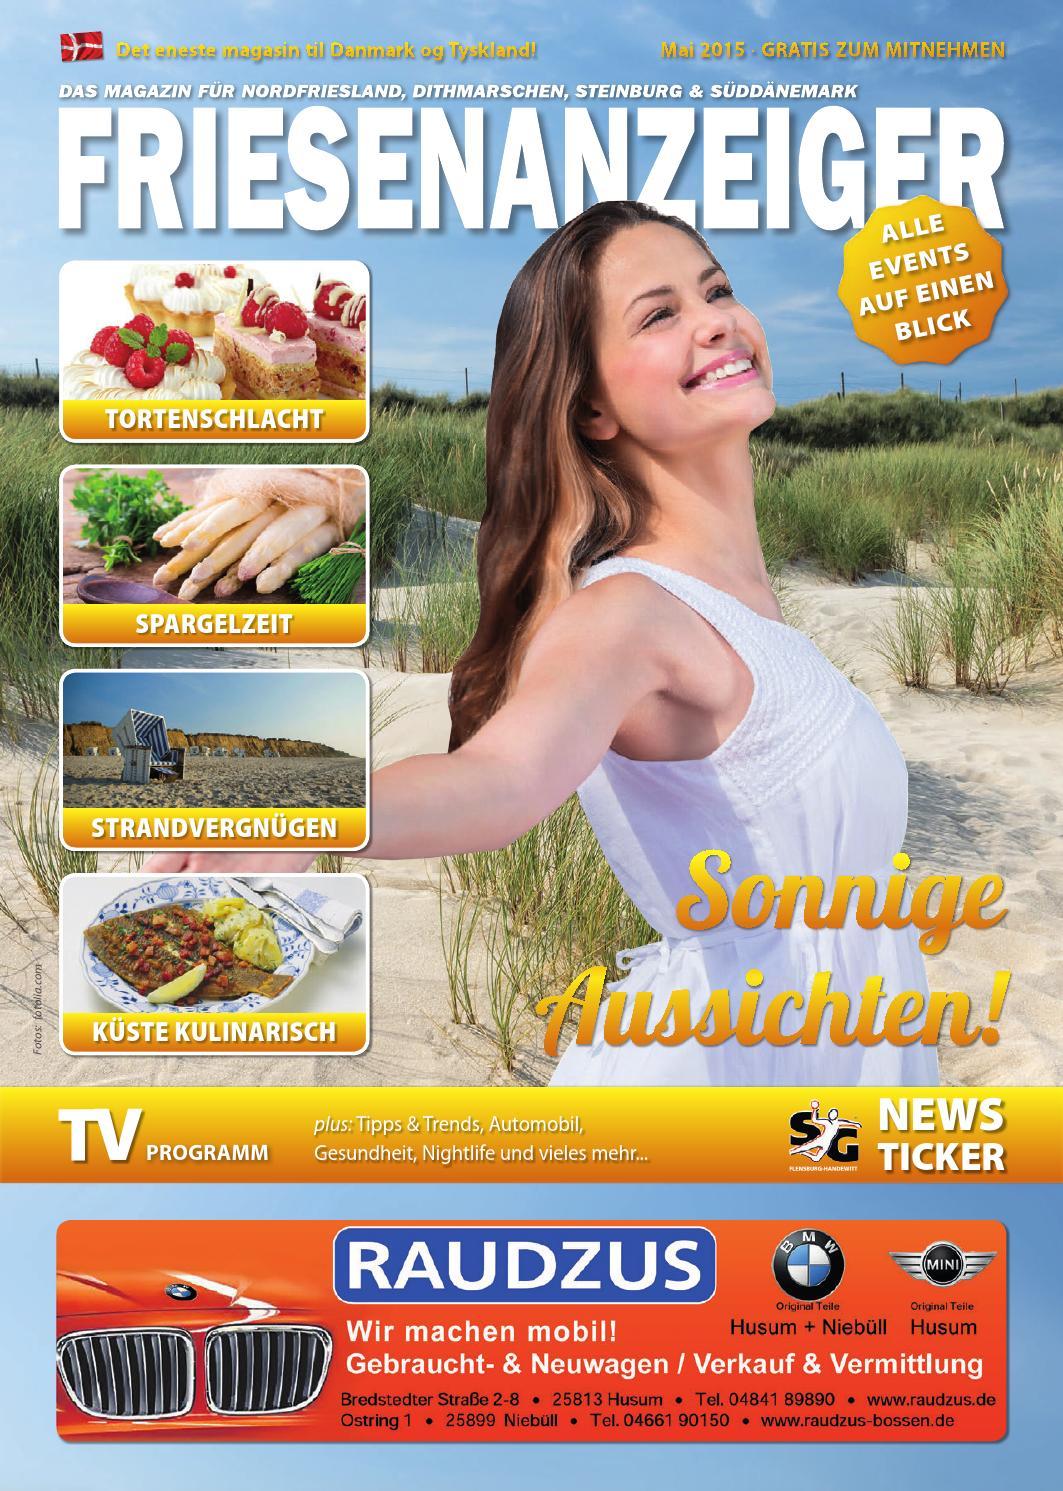 Friesenanzeiger Mai 2015 By New Media Works Issuu